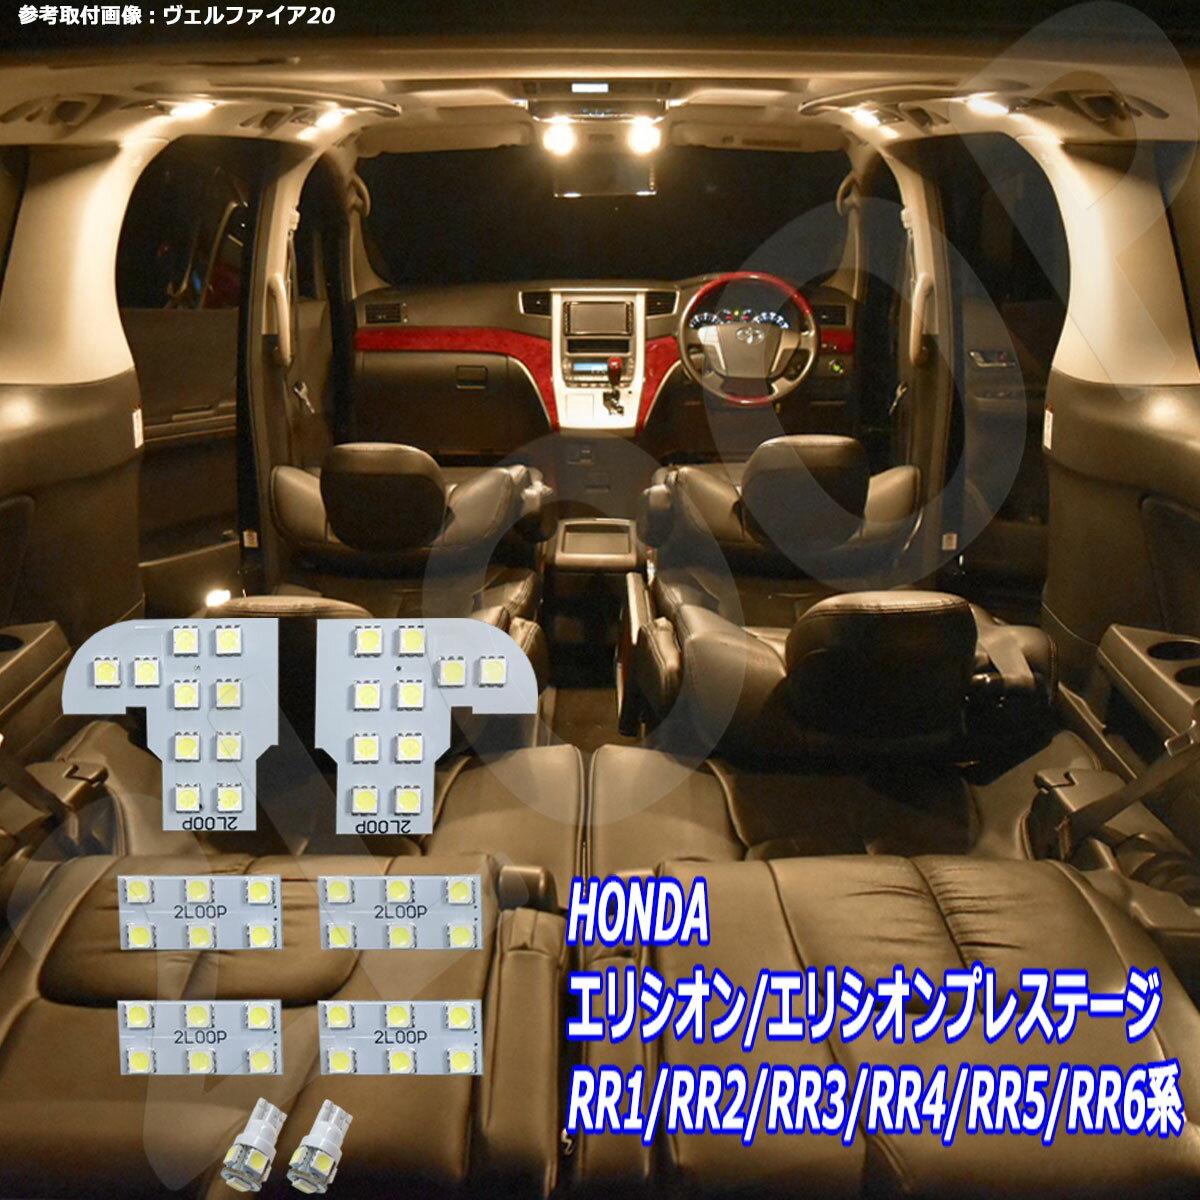 エリシオン エリシオンプレステージ RR1 RR2 RR3 RR4 RR5 RR6 LEDルームランプ 暖かい光 高級感を追求 3000K 車検対応 車種専用設計 3チップSMD8点【電球色】1年保証 あす楽対象